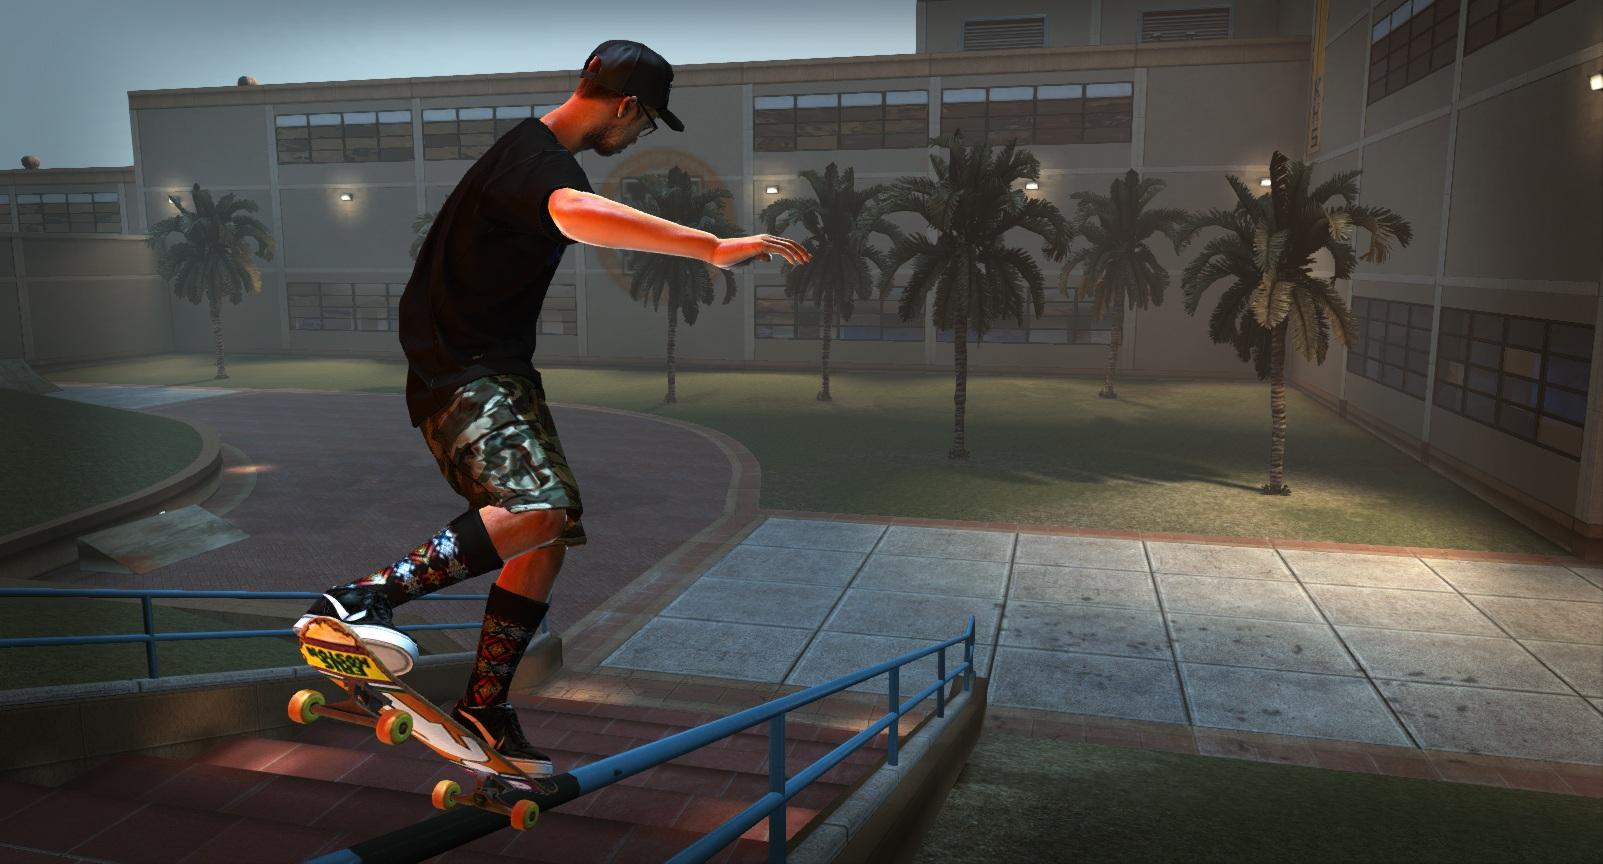 Nuevos niveles confirmados para Tony Hawk?s Pro Skater HD